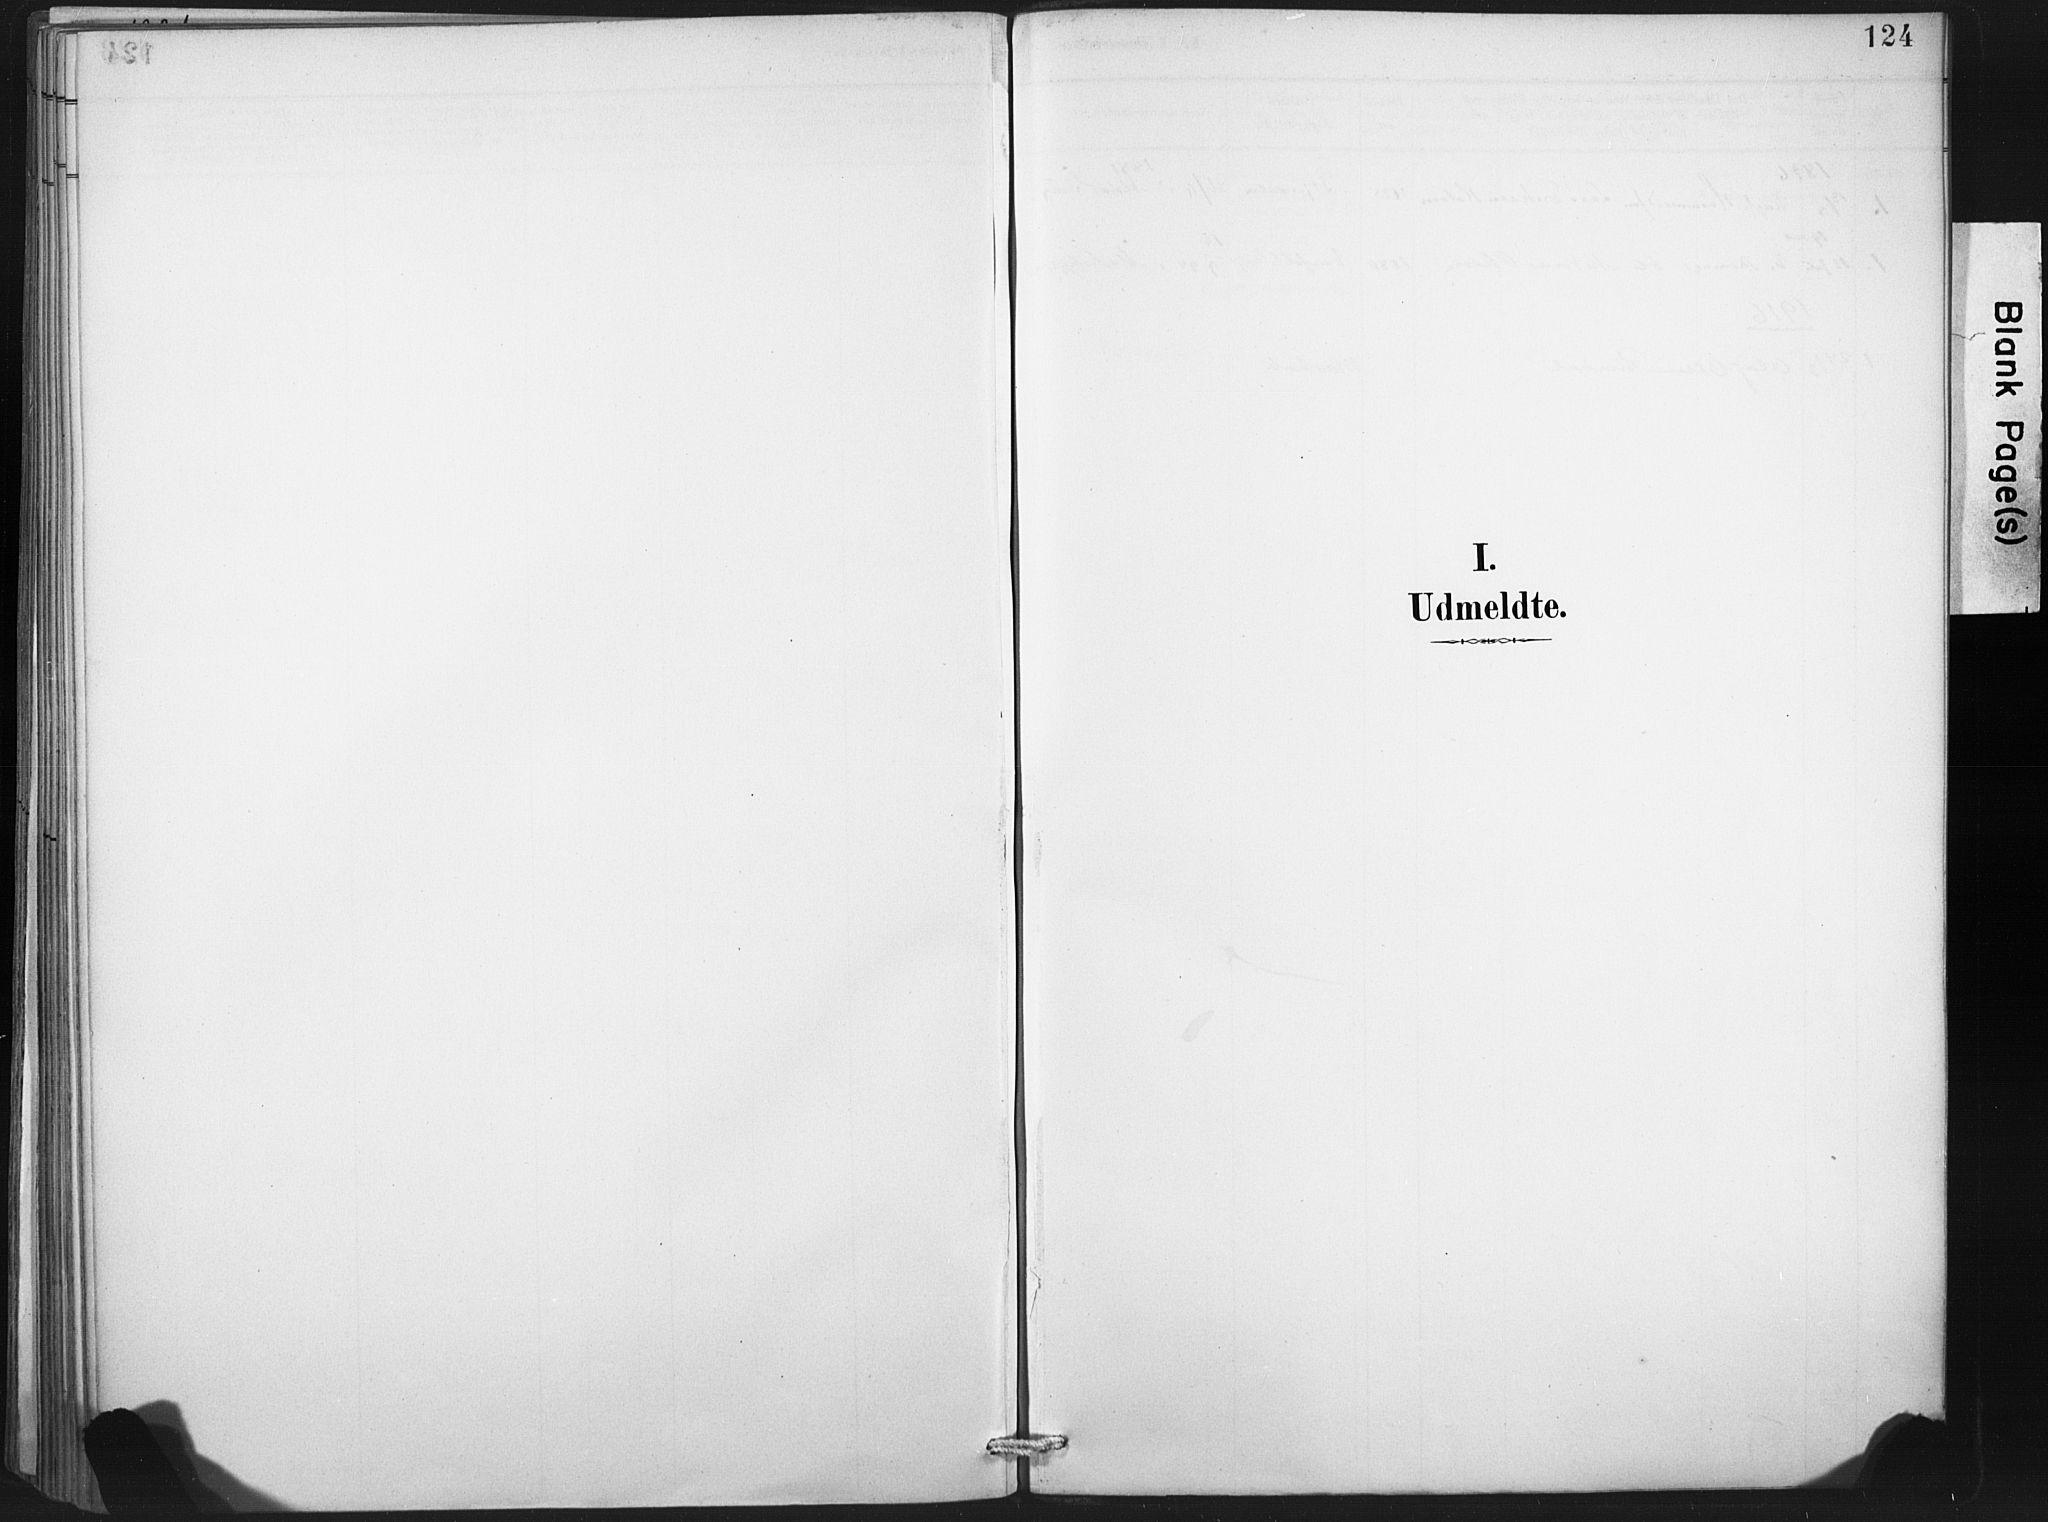 SAT, Ministerialprotokoller, klokkerbøker og fødselsregistre - Nord-Trøndelag, 718/L0175: Ministerialbok nr. 718A01, 1890-1923, s. 124